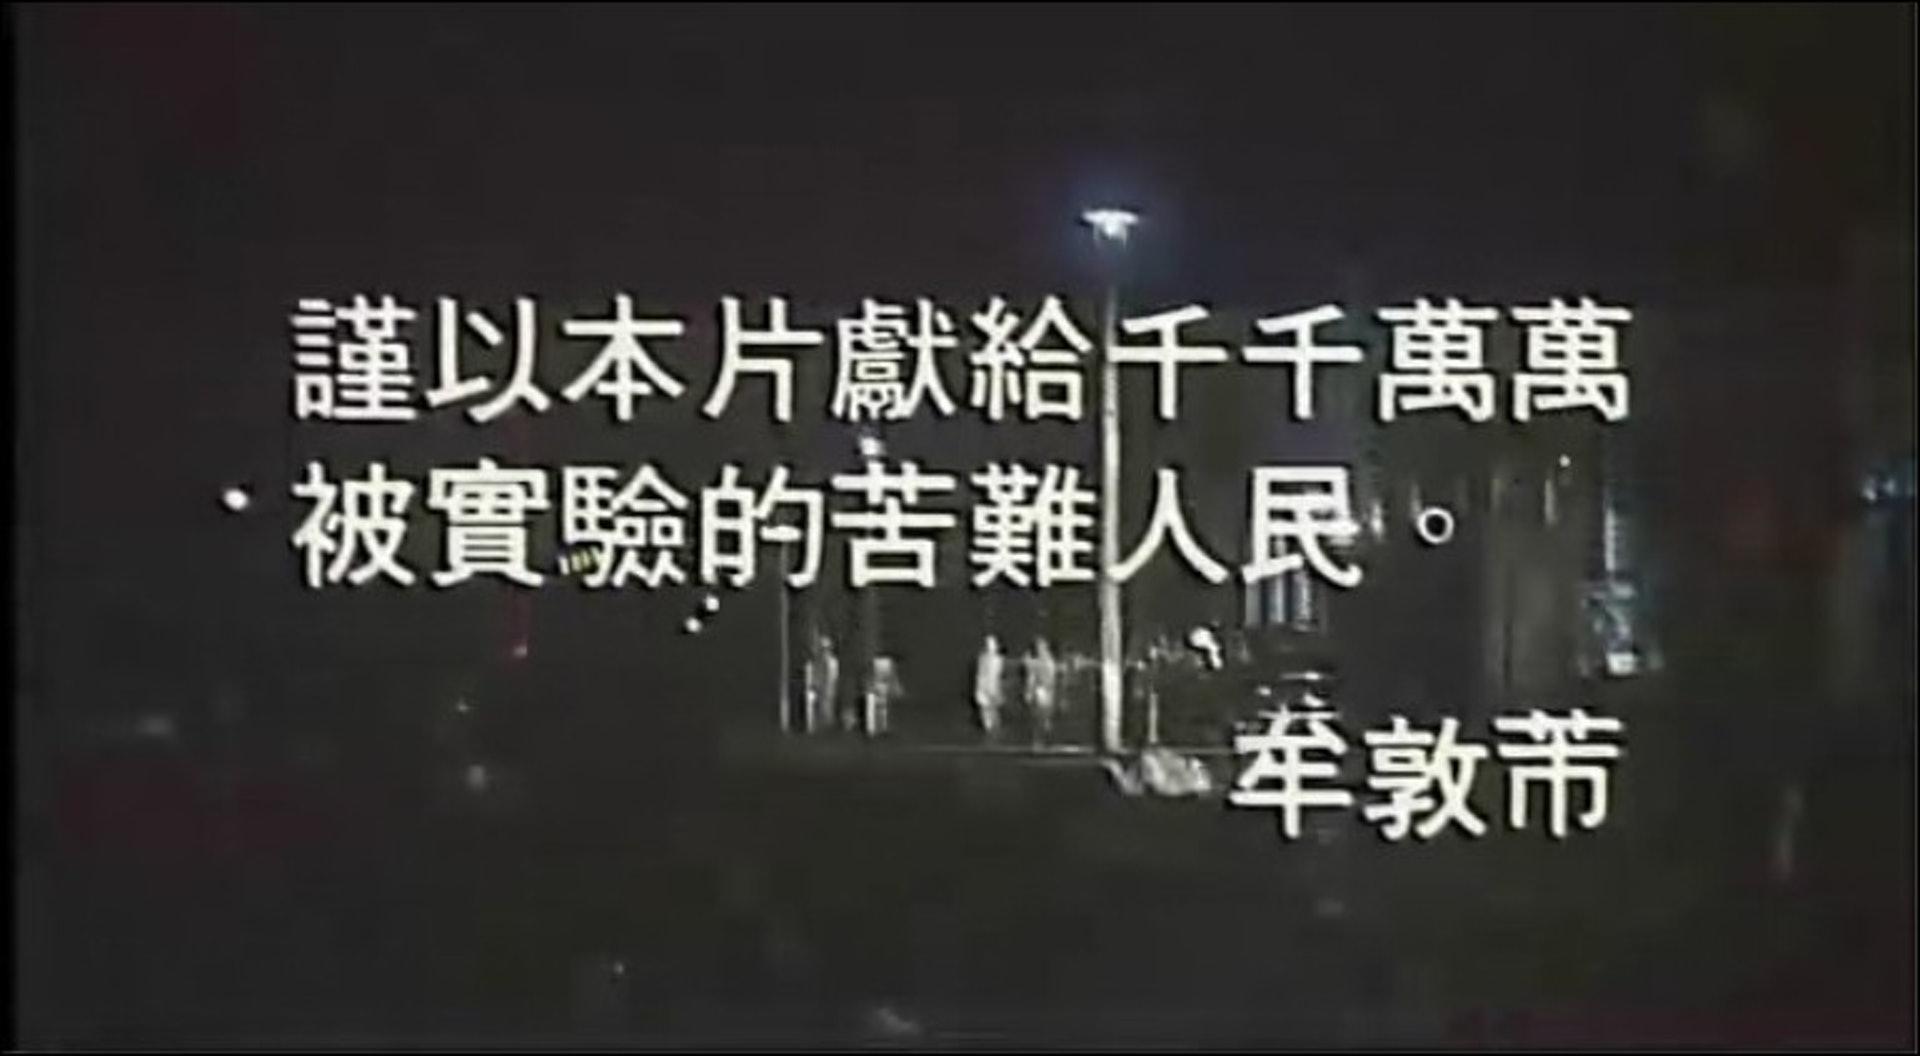 導演於片頭向當年被日軍虐殺的死者致敬。(影片截圖)